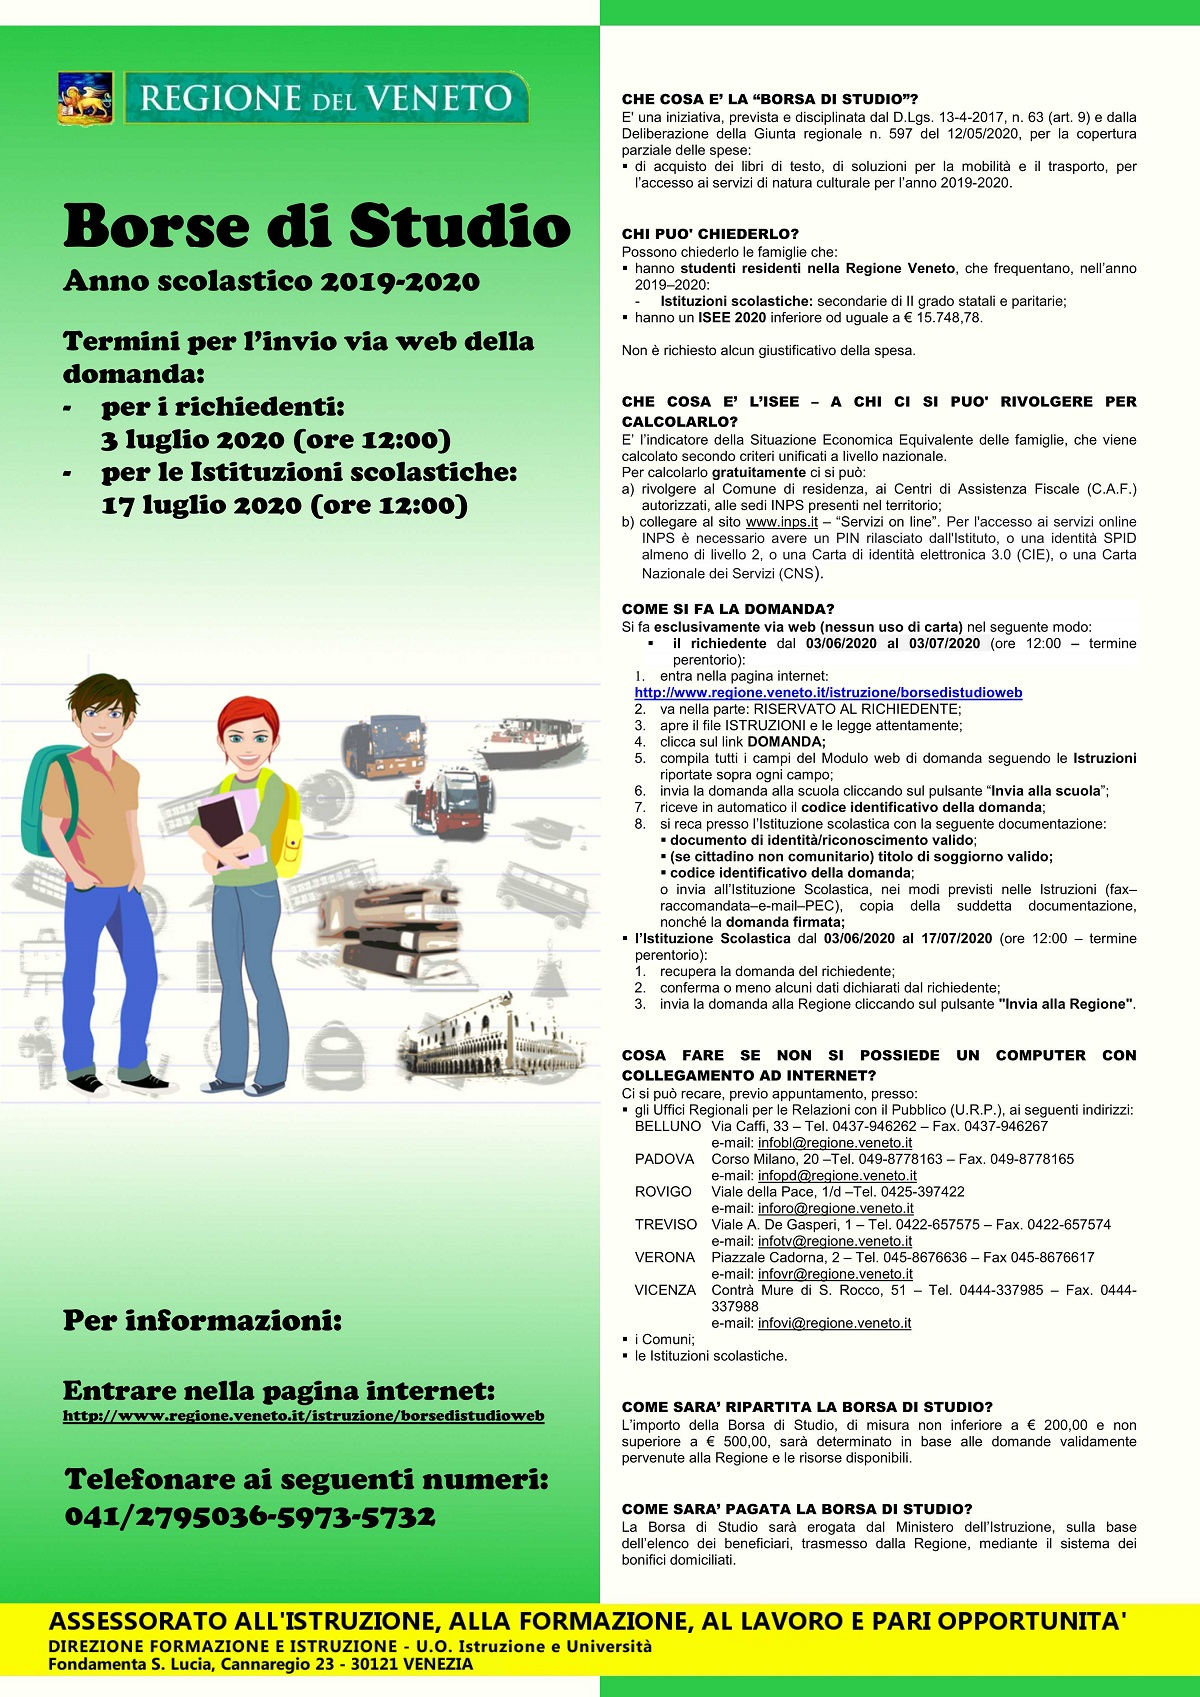 Borse di Studio Regione Veneto a.s. 2019-2020 dal 03.06.2020